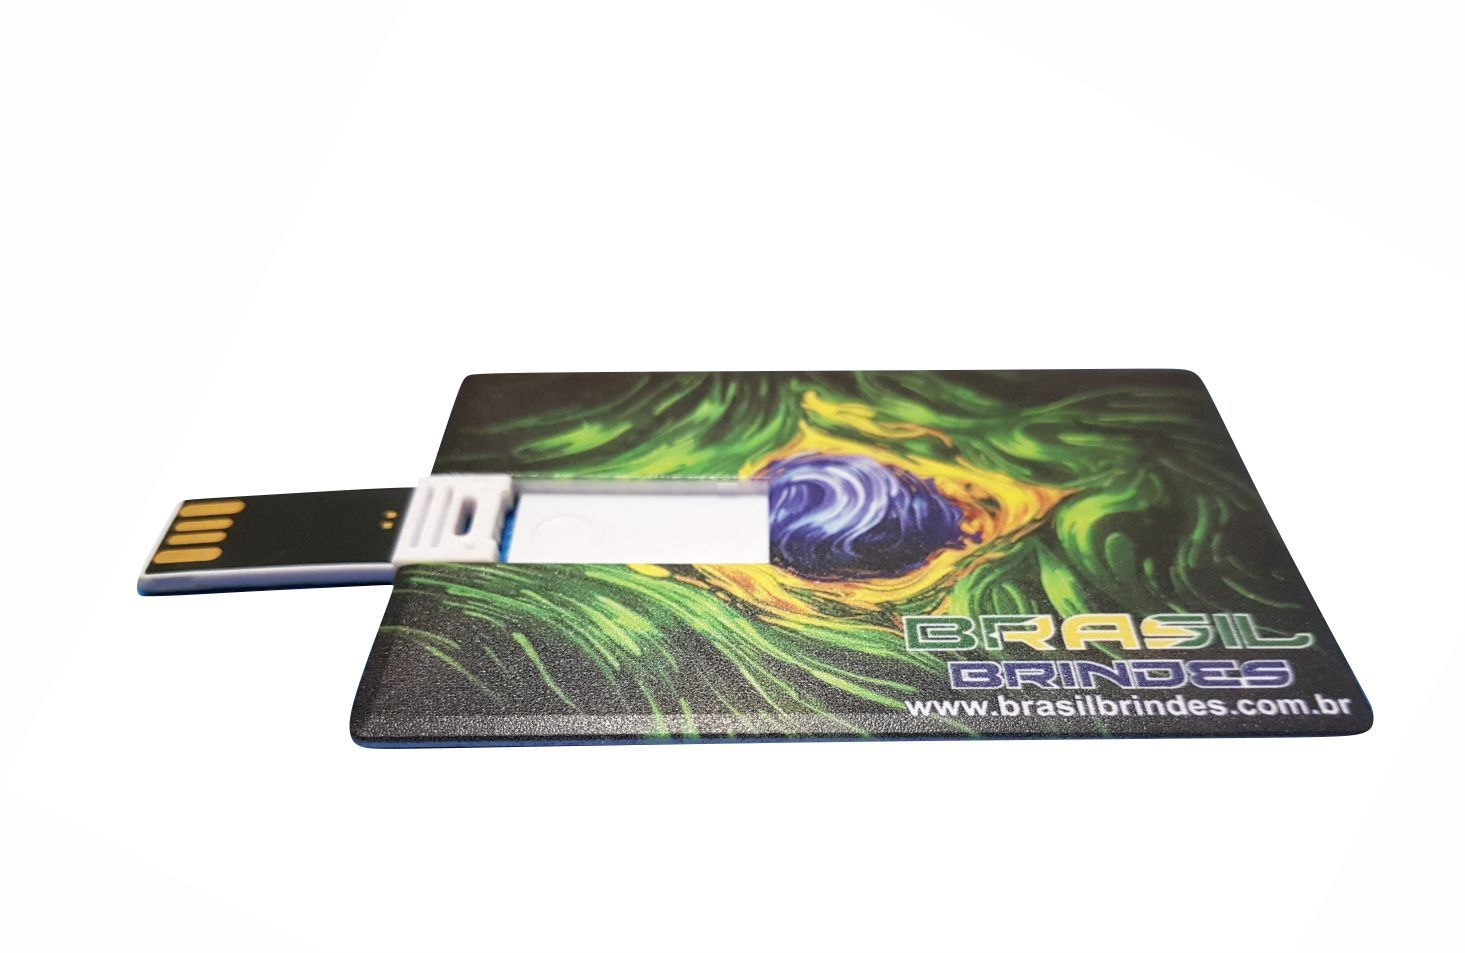 Pendrive Formato Cartão  - BRASIL BRINDES